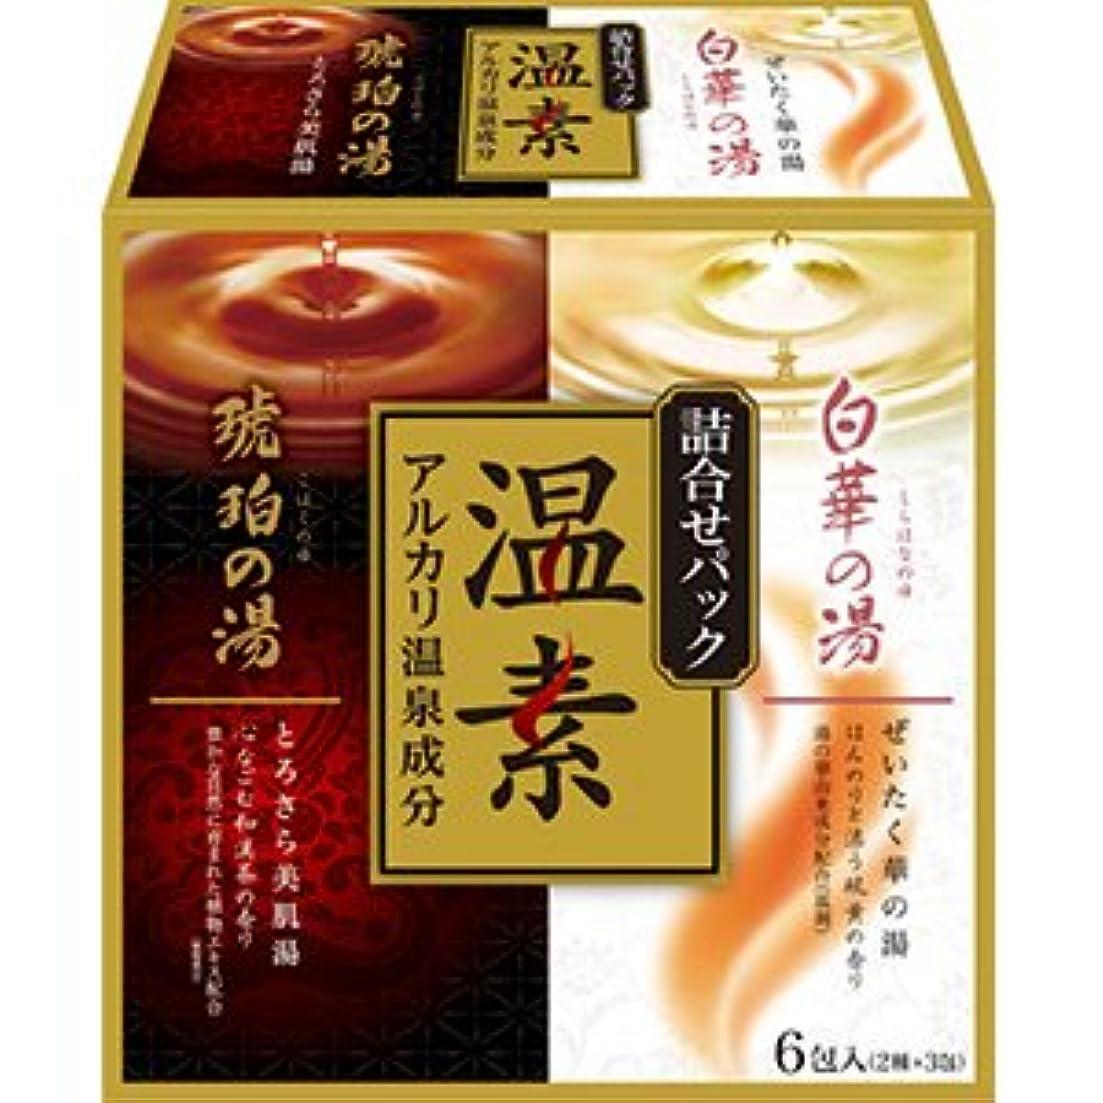 火曜日憎しみみぞれ温素 琥珀の湯&白華の湯 詰合せパック × 16個セット